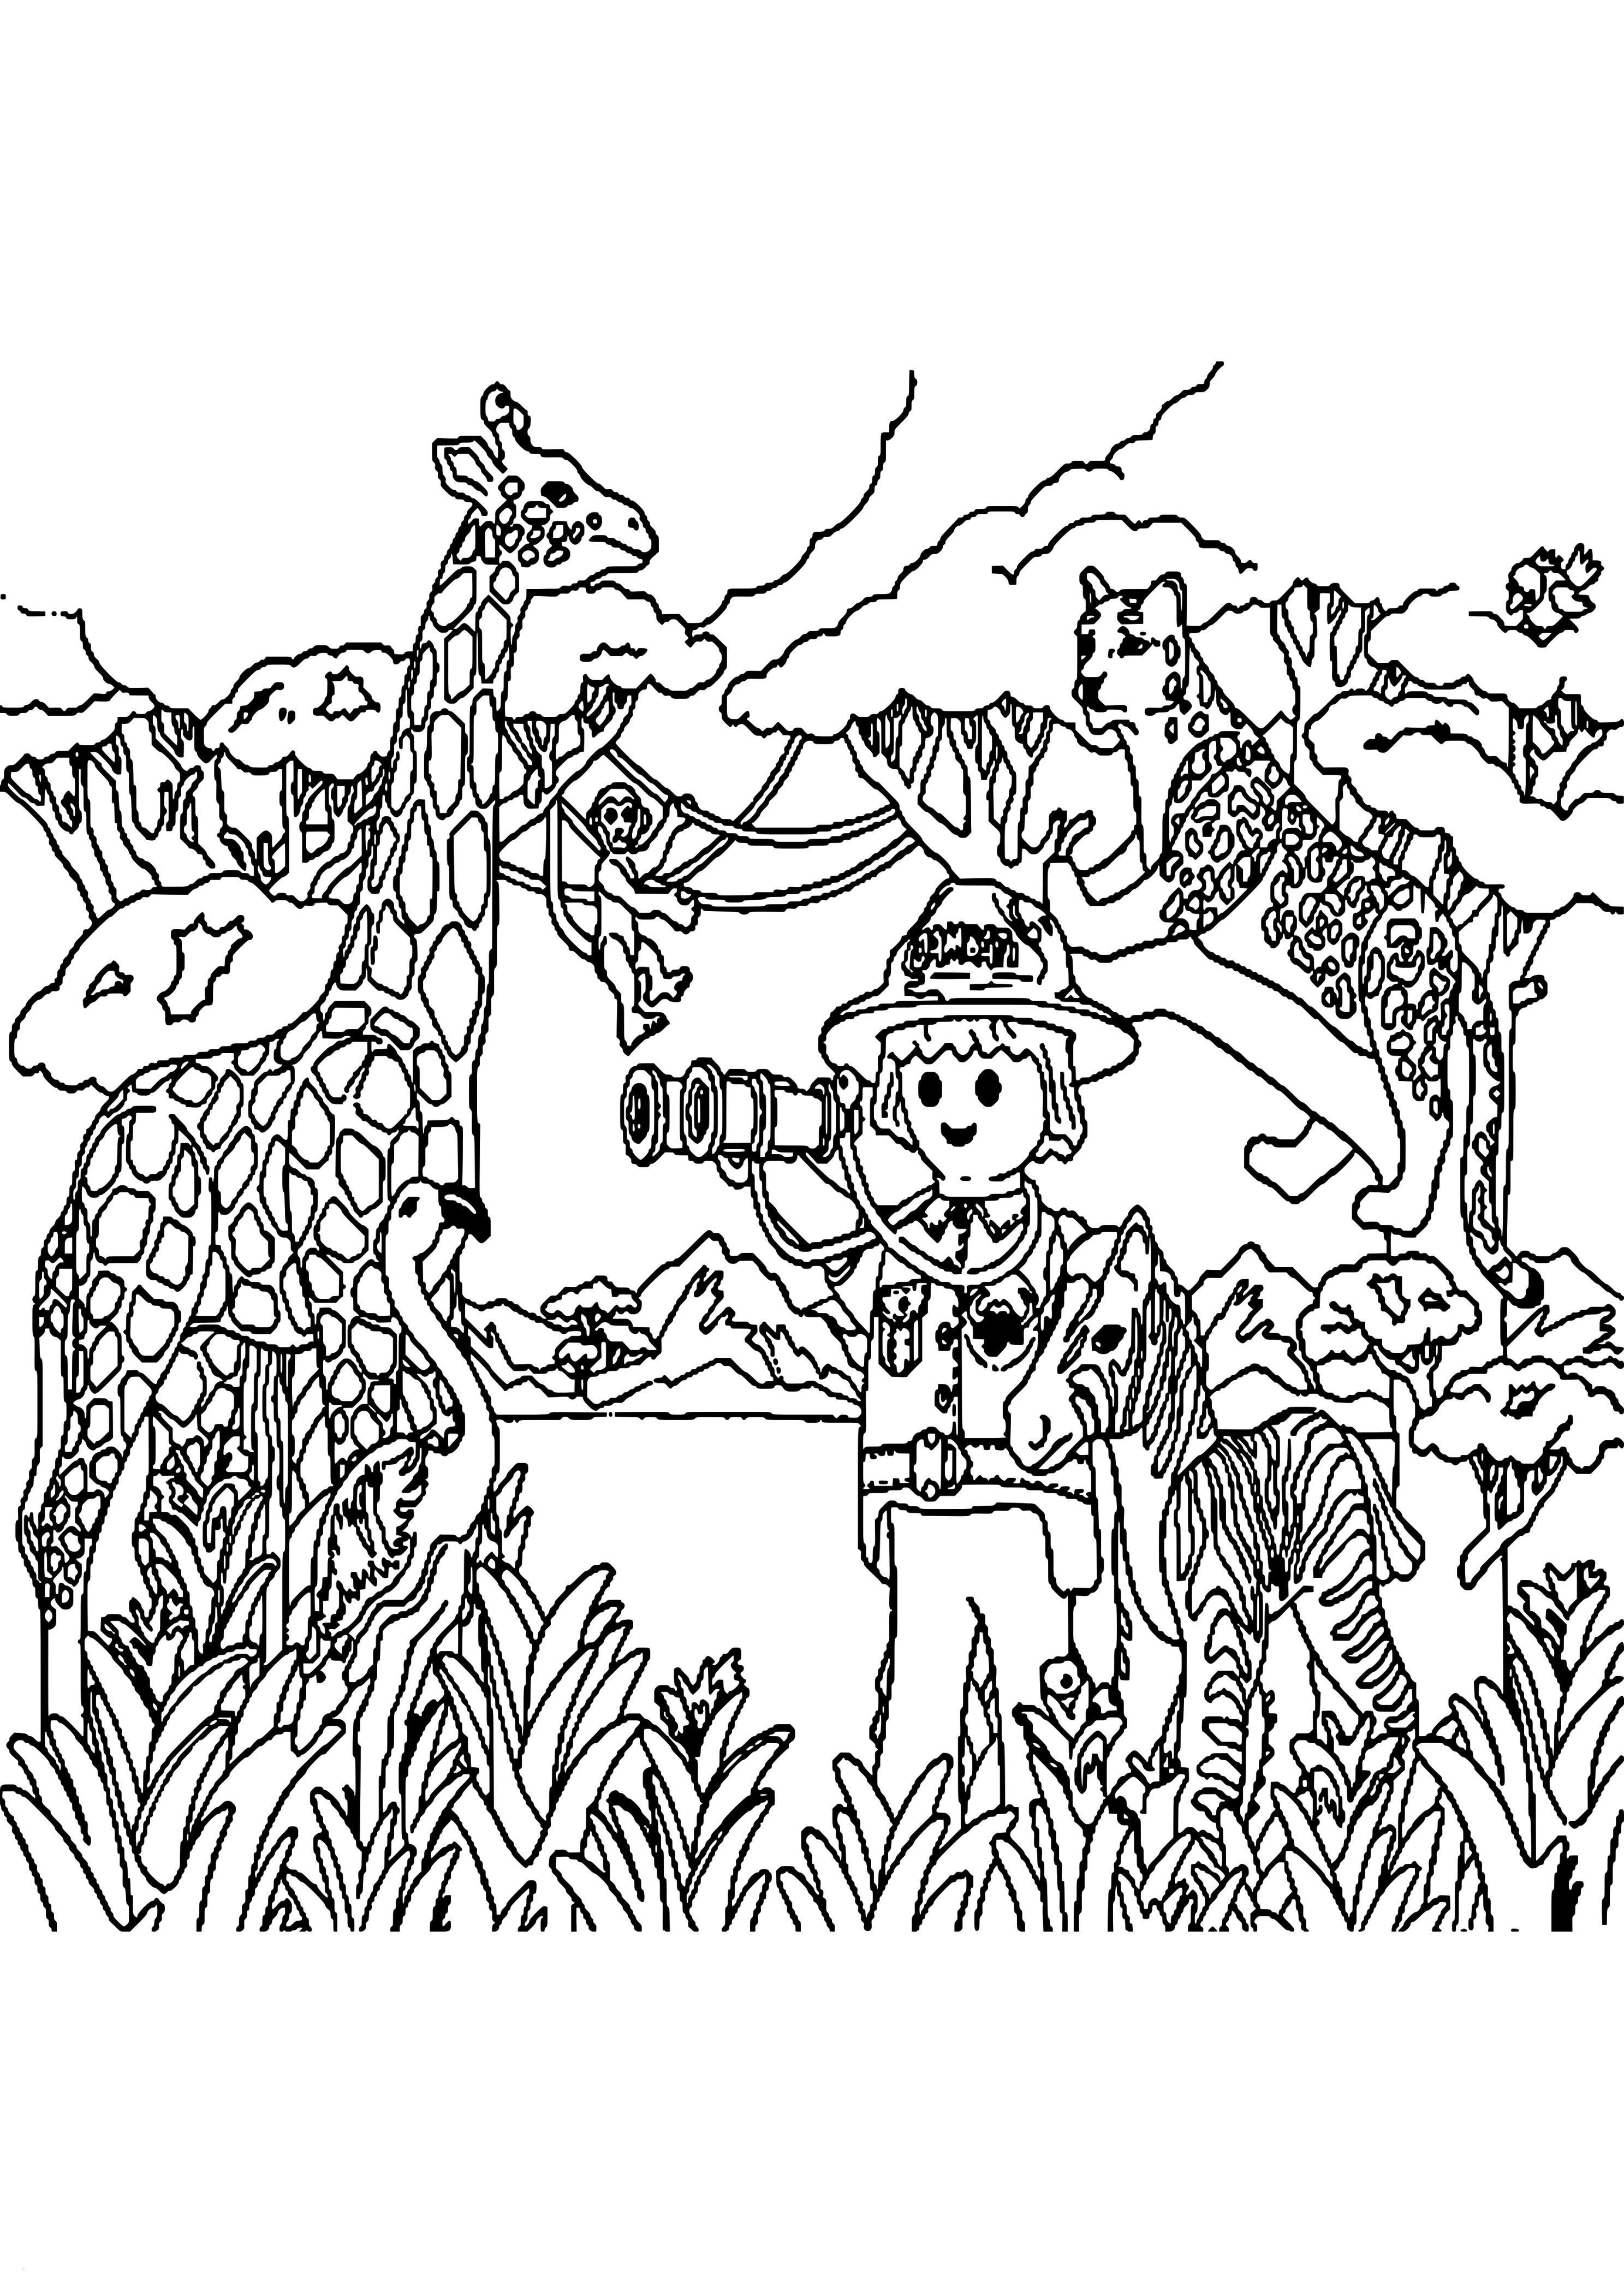 Jakob Und Esau Ausmalbilder Inspirierend Frei Druckbare Ostern Malvorlagen Cool 37 Superman Ausmalbilder Zum Das Bild